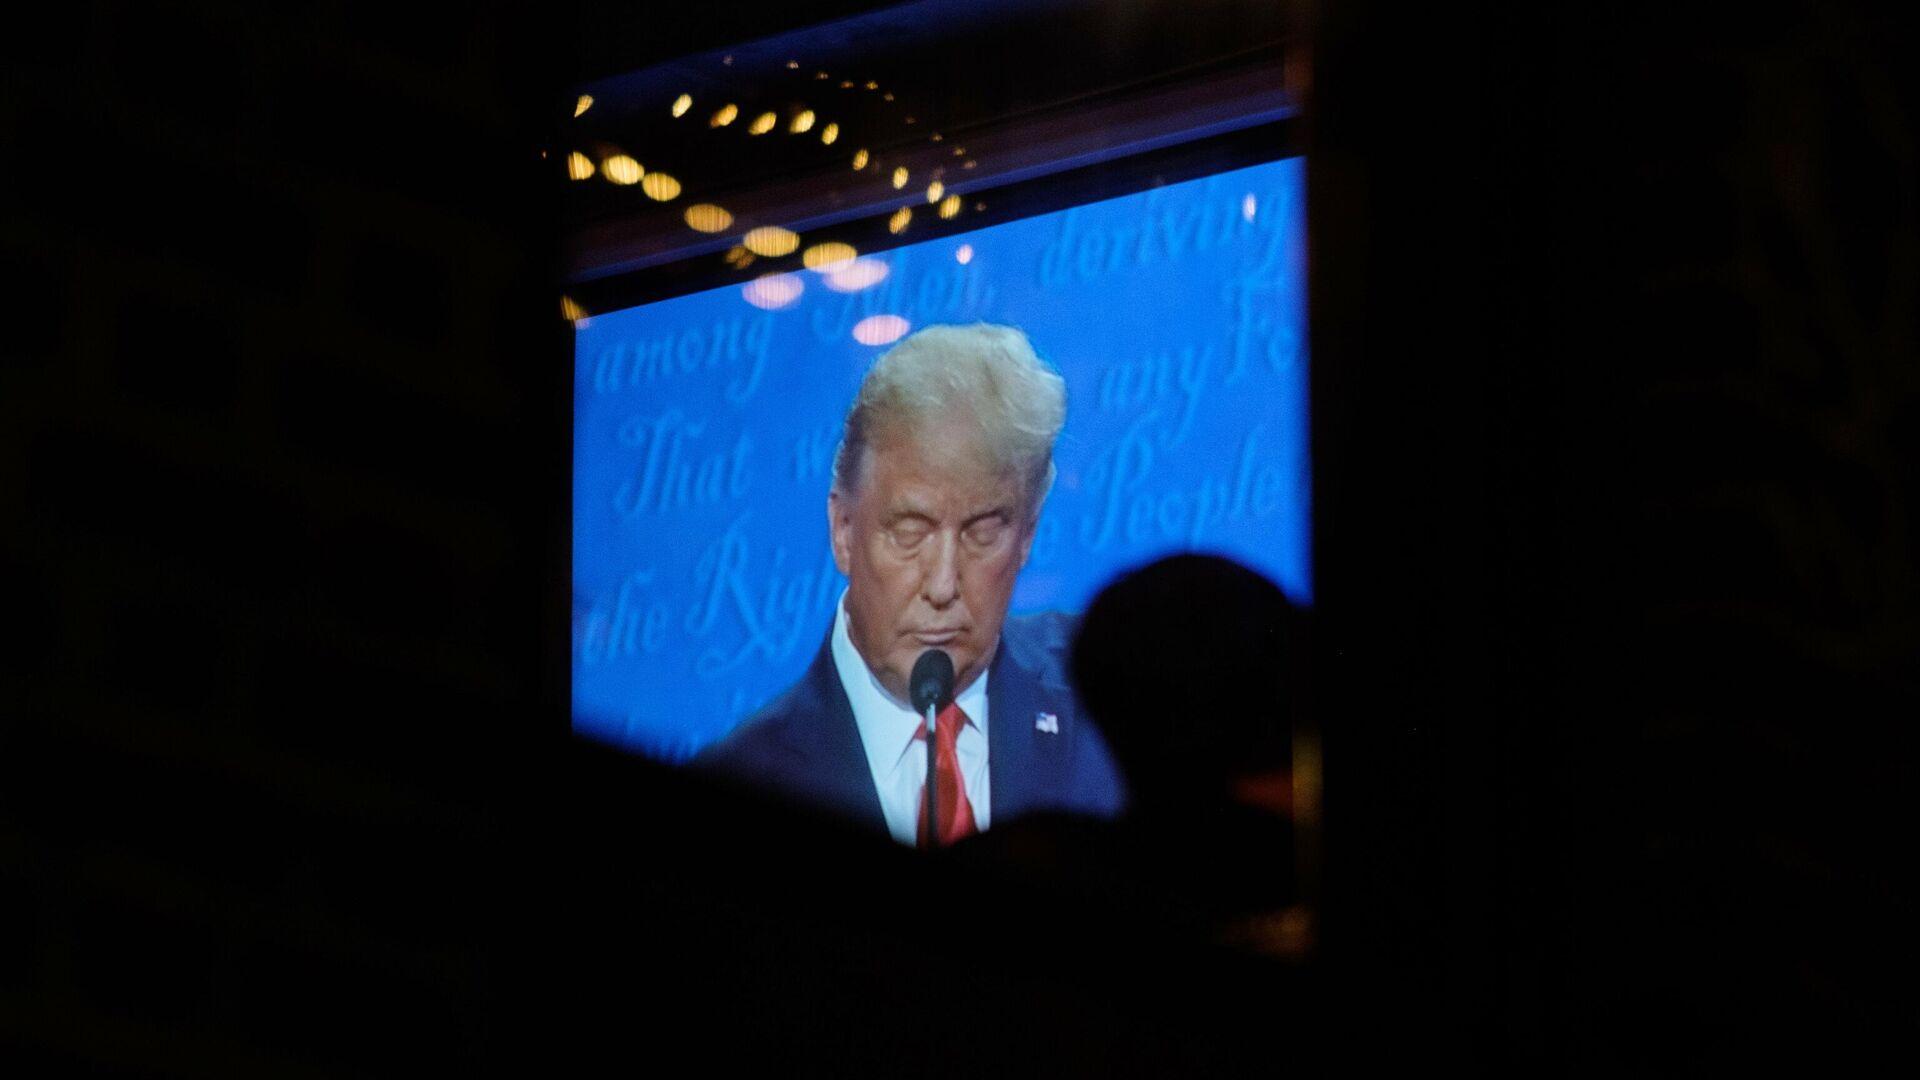 Экран с трансляцией финального раунда дебатов с участием президента США Дональда Трамп - РИА Новости, 1920, 12.11.2020